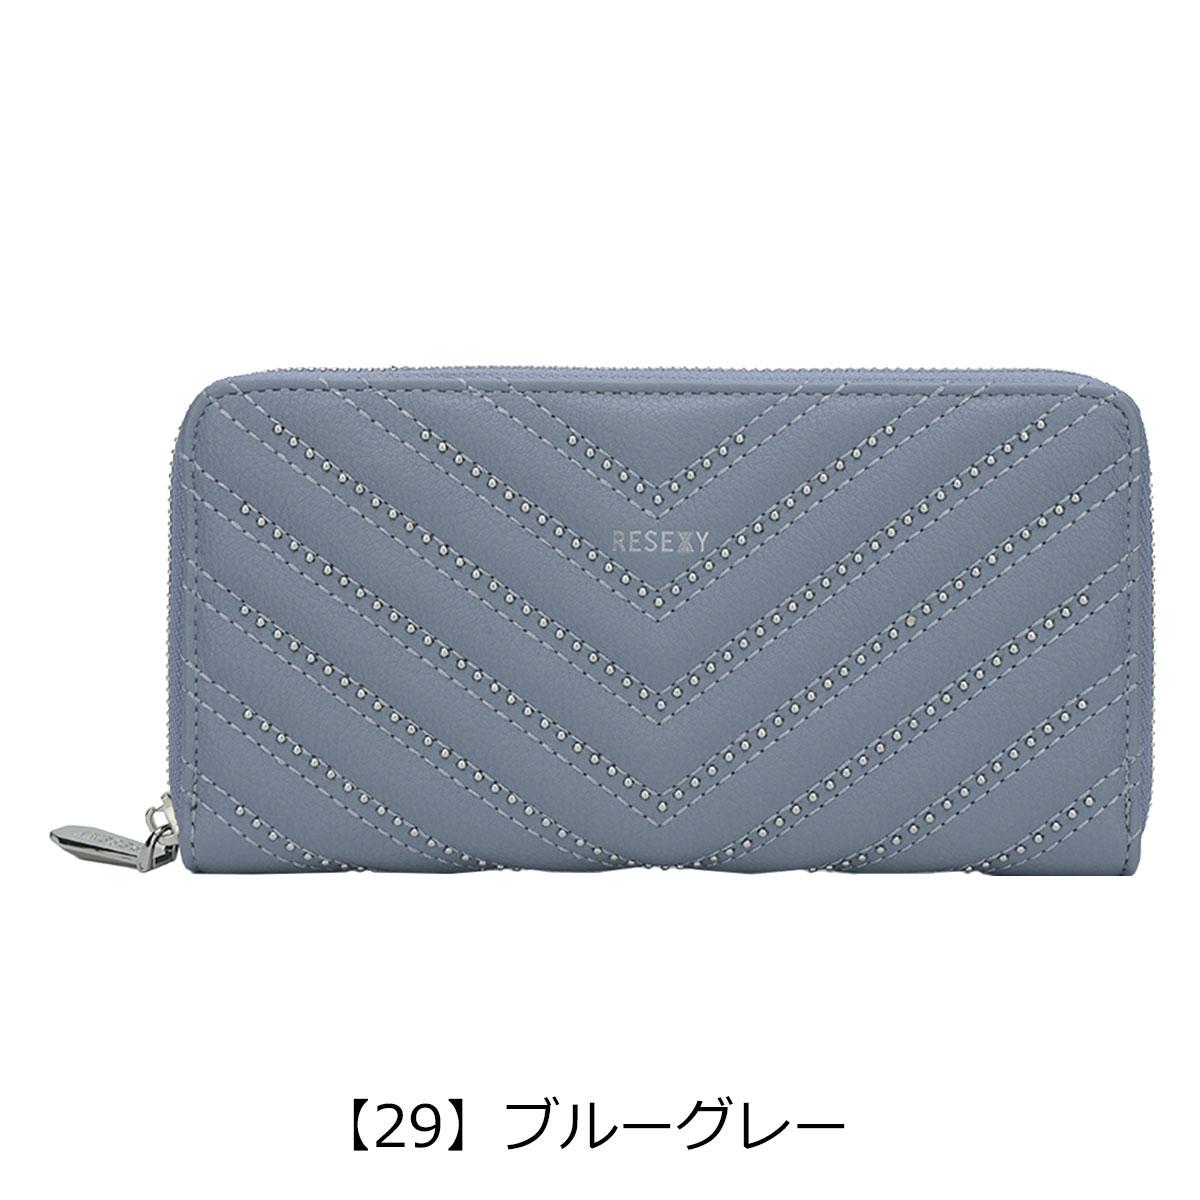 【57】ダークベージュ